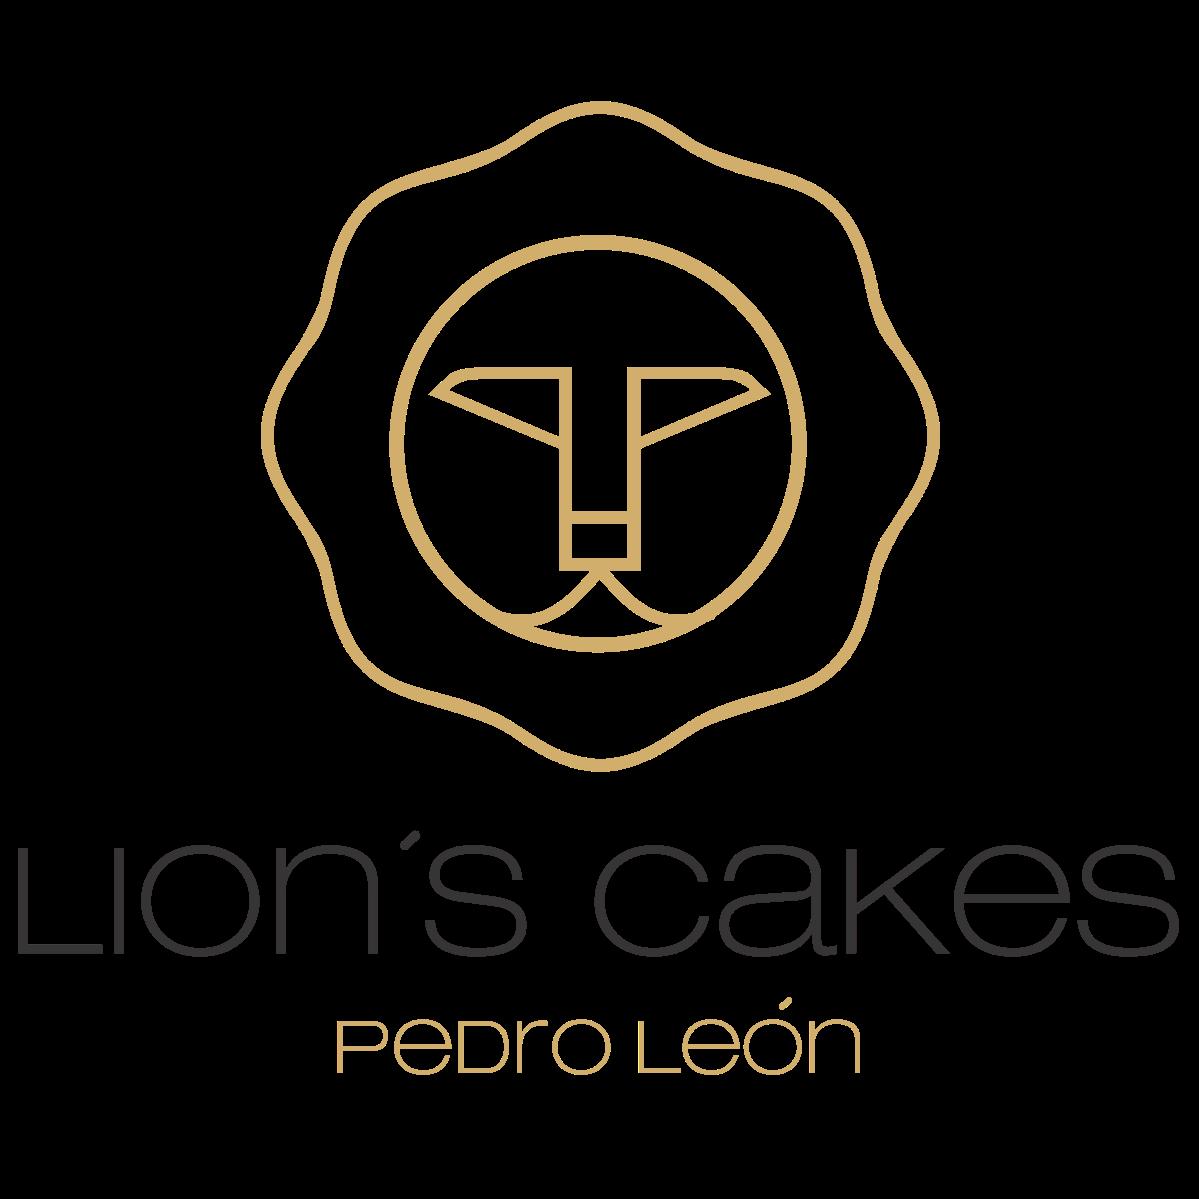 Lion's Cakes Pedro León France